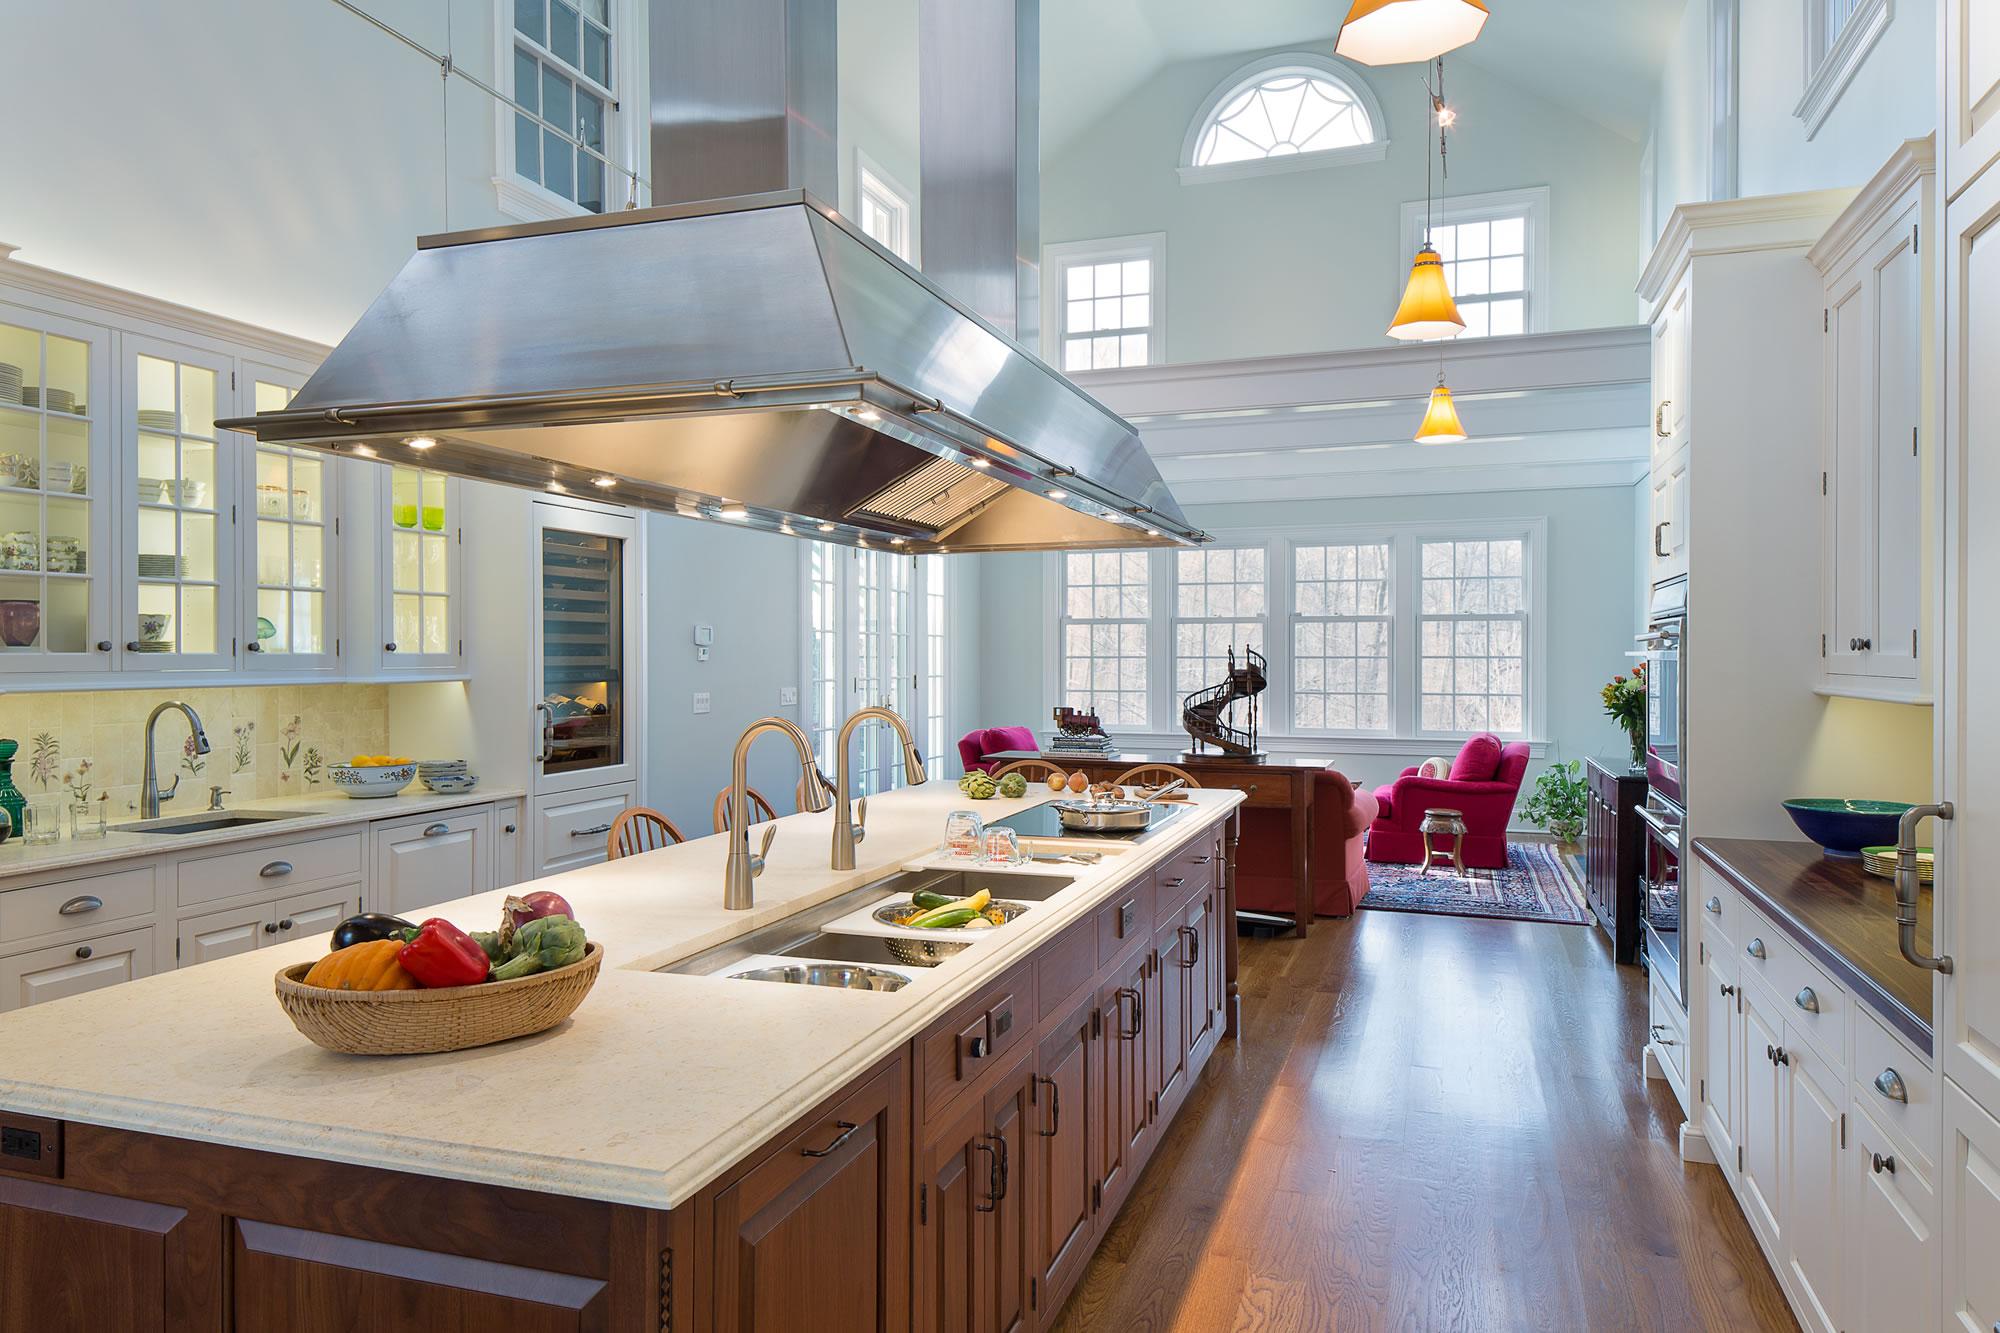 designsforlivingvt designer kitchens Lofty Connecticut Kitchen Remodel embraces natural light works for family